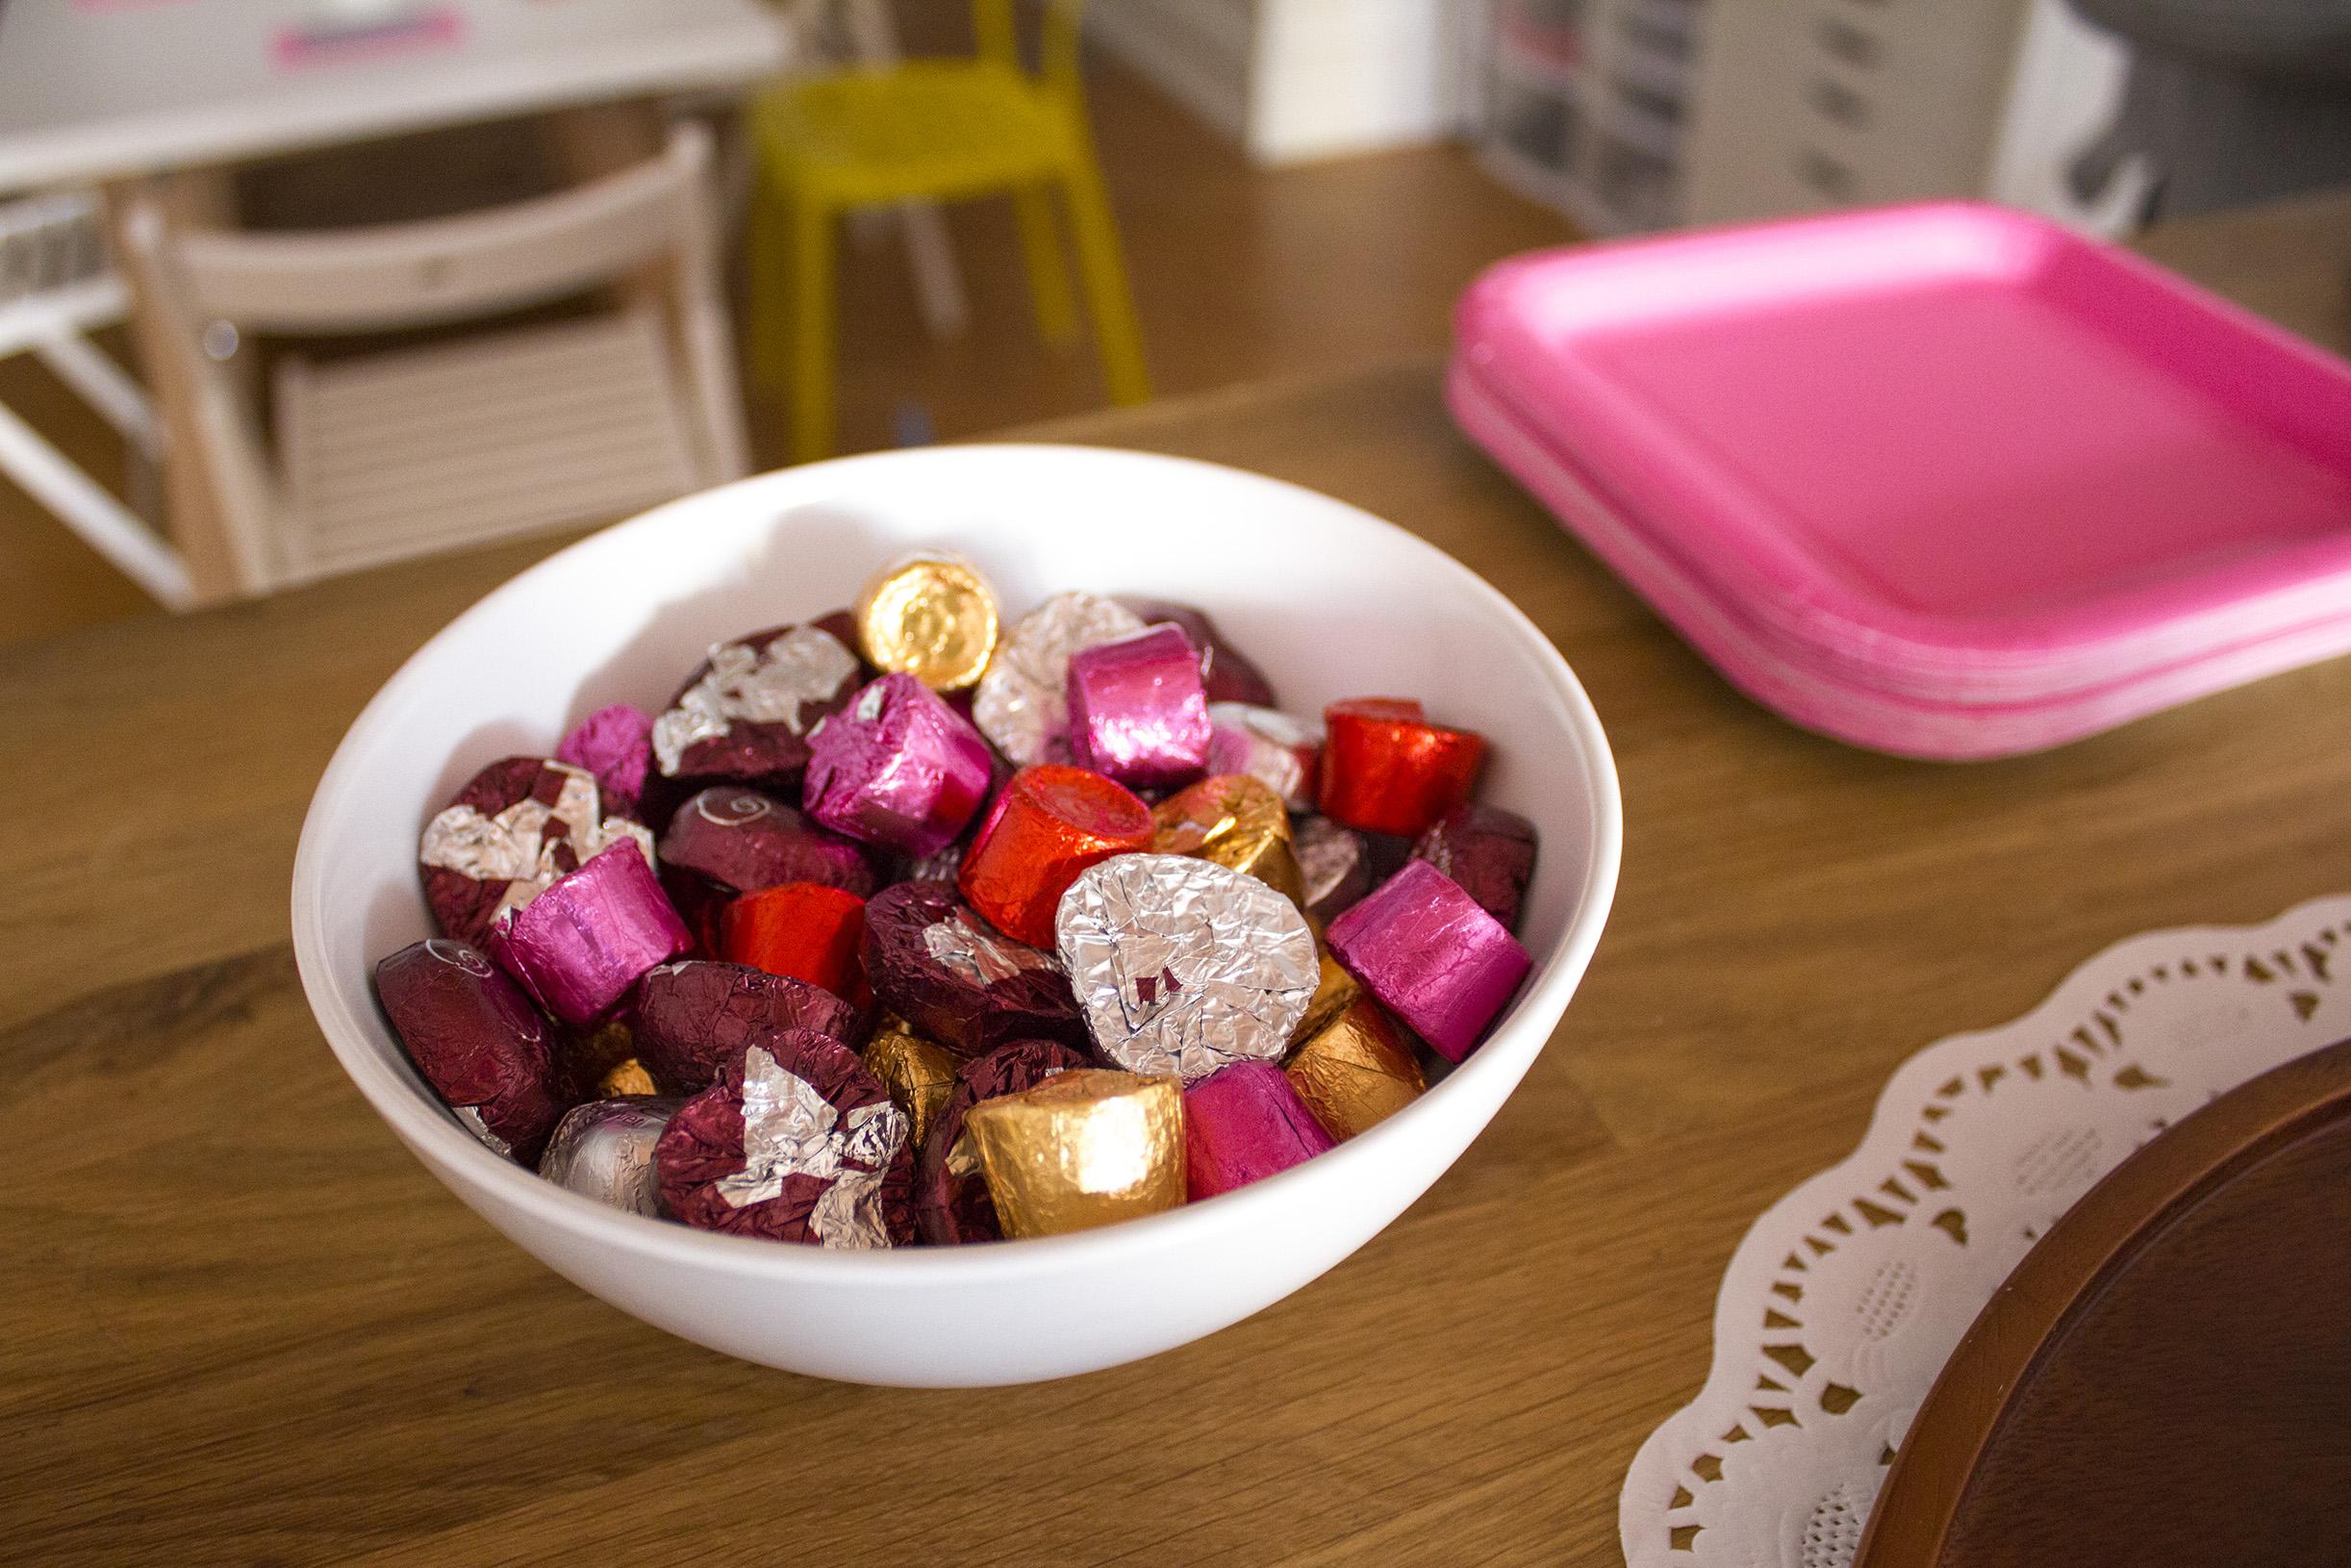 Red Velvet Dove chocolates. YUM!